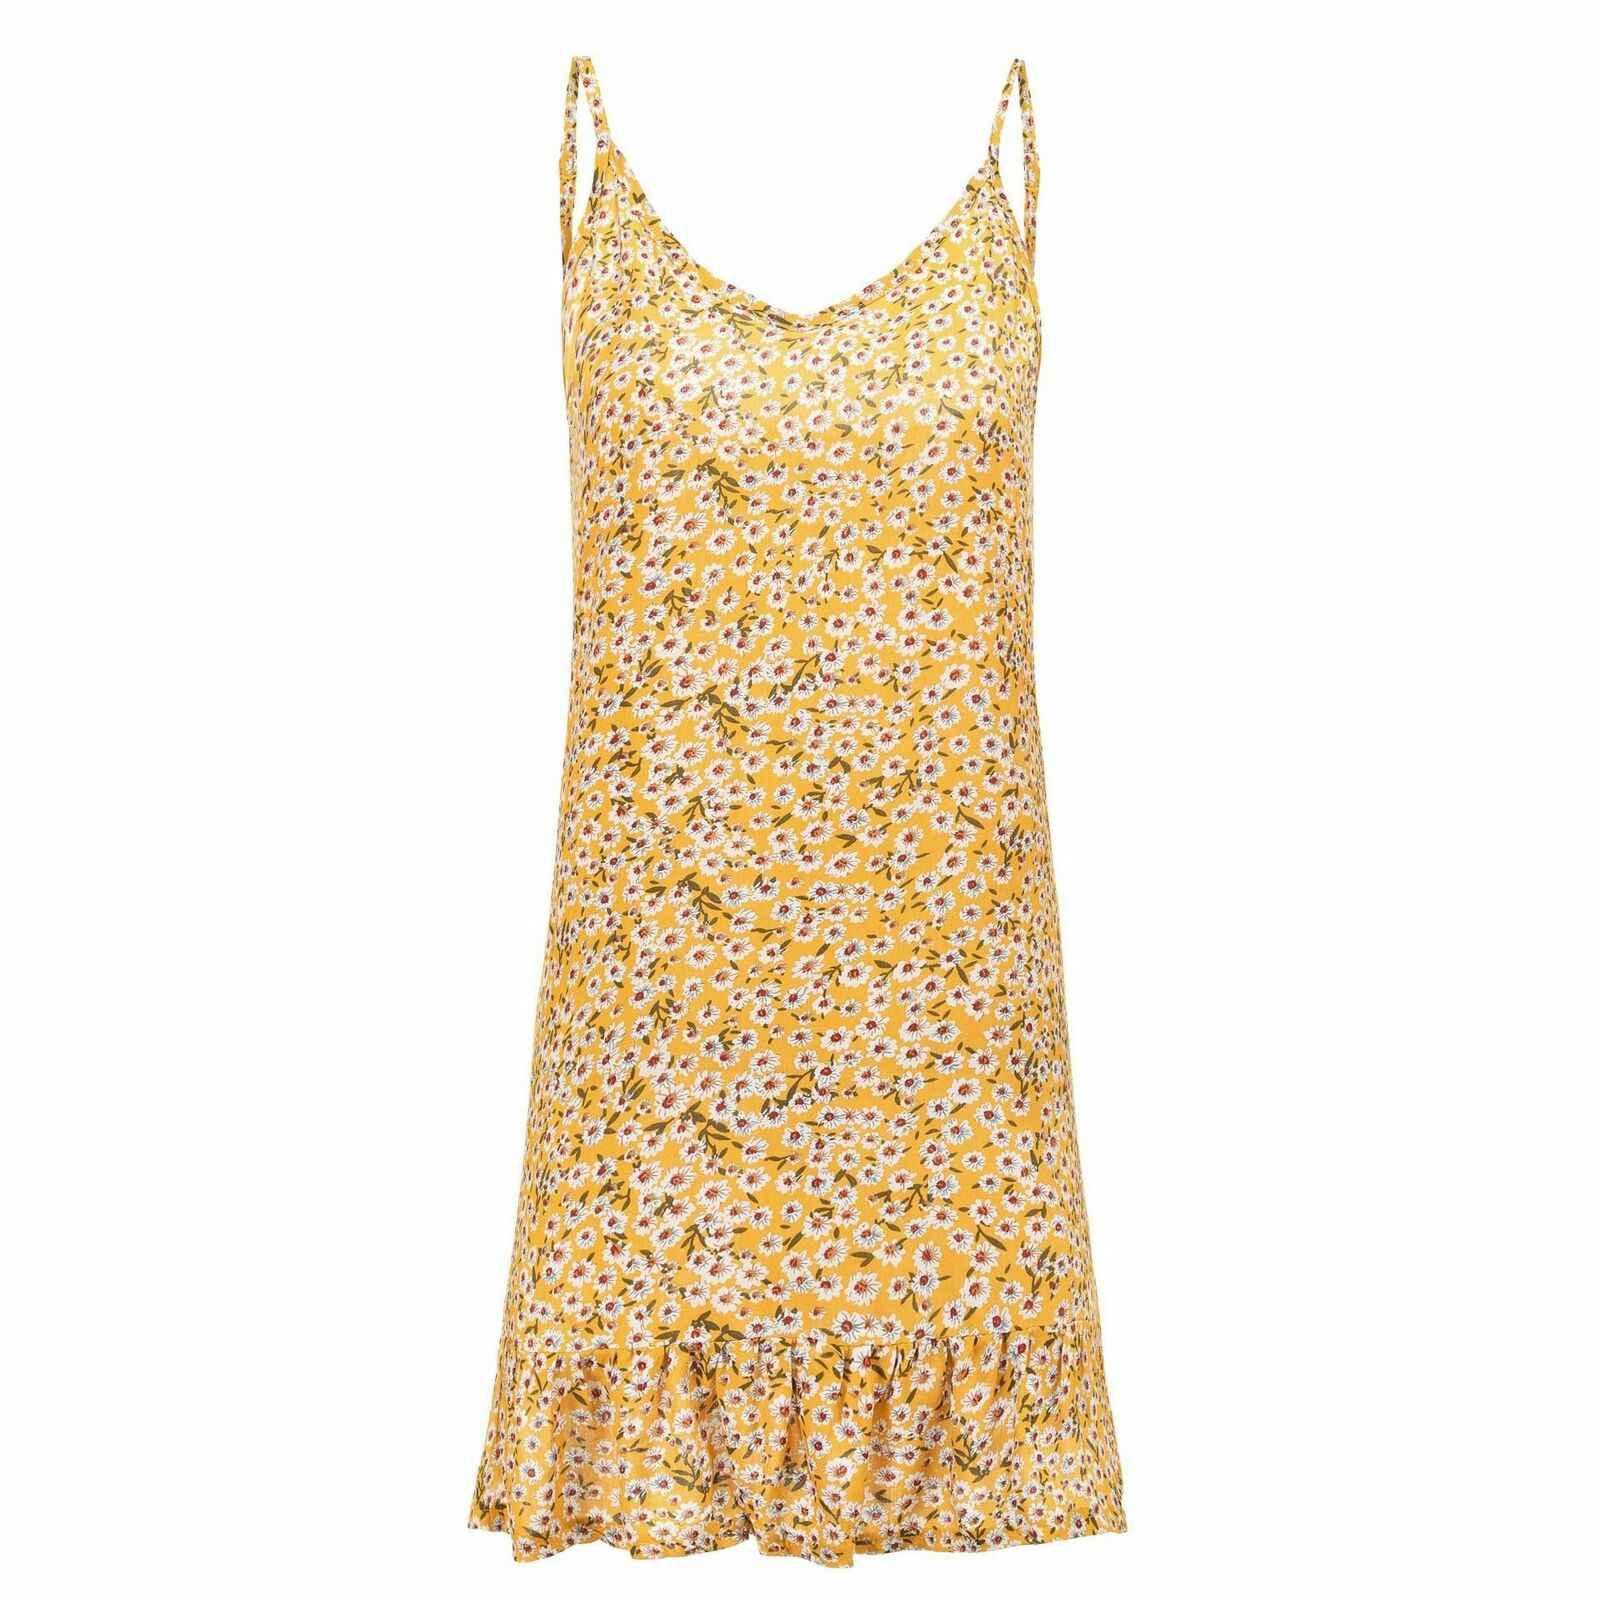 Женское богемное платье без рукавов с цветочным принтом; летнее пляжное свободное повседневное милое платье-туника; большие размеры